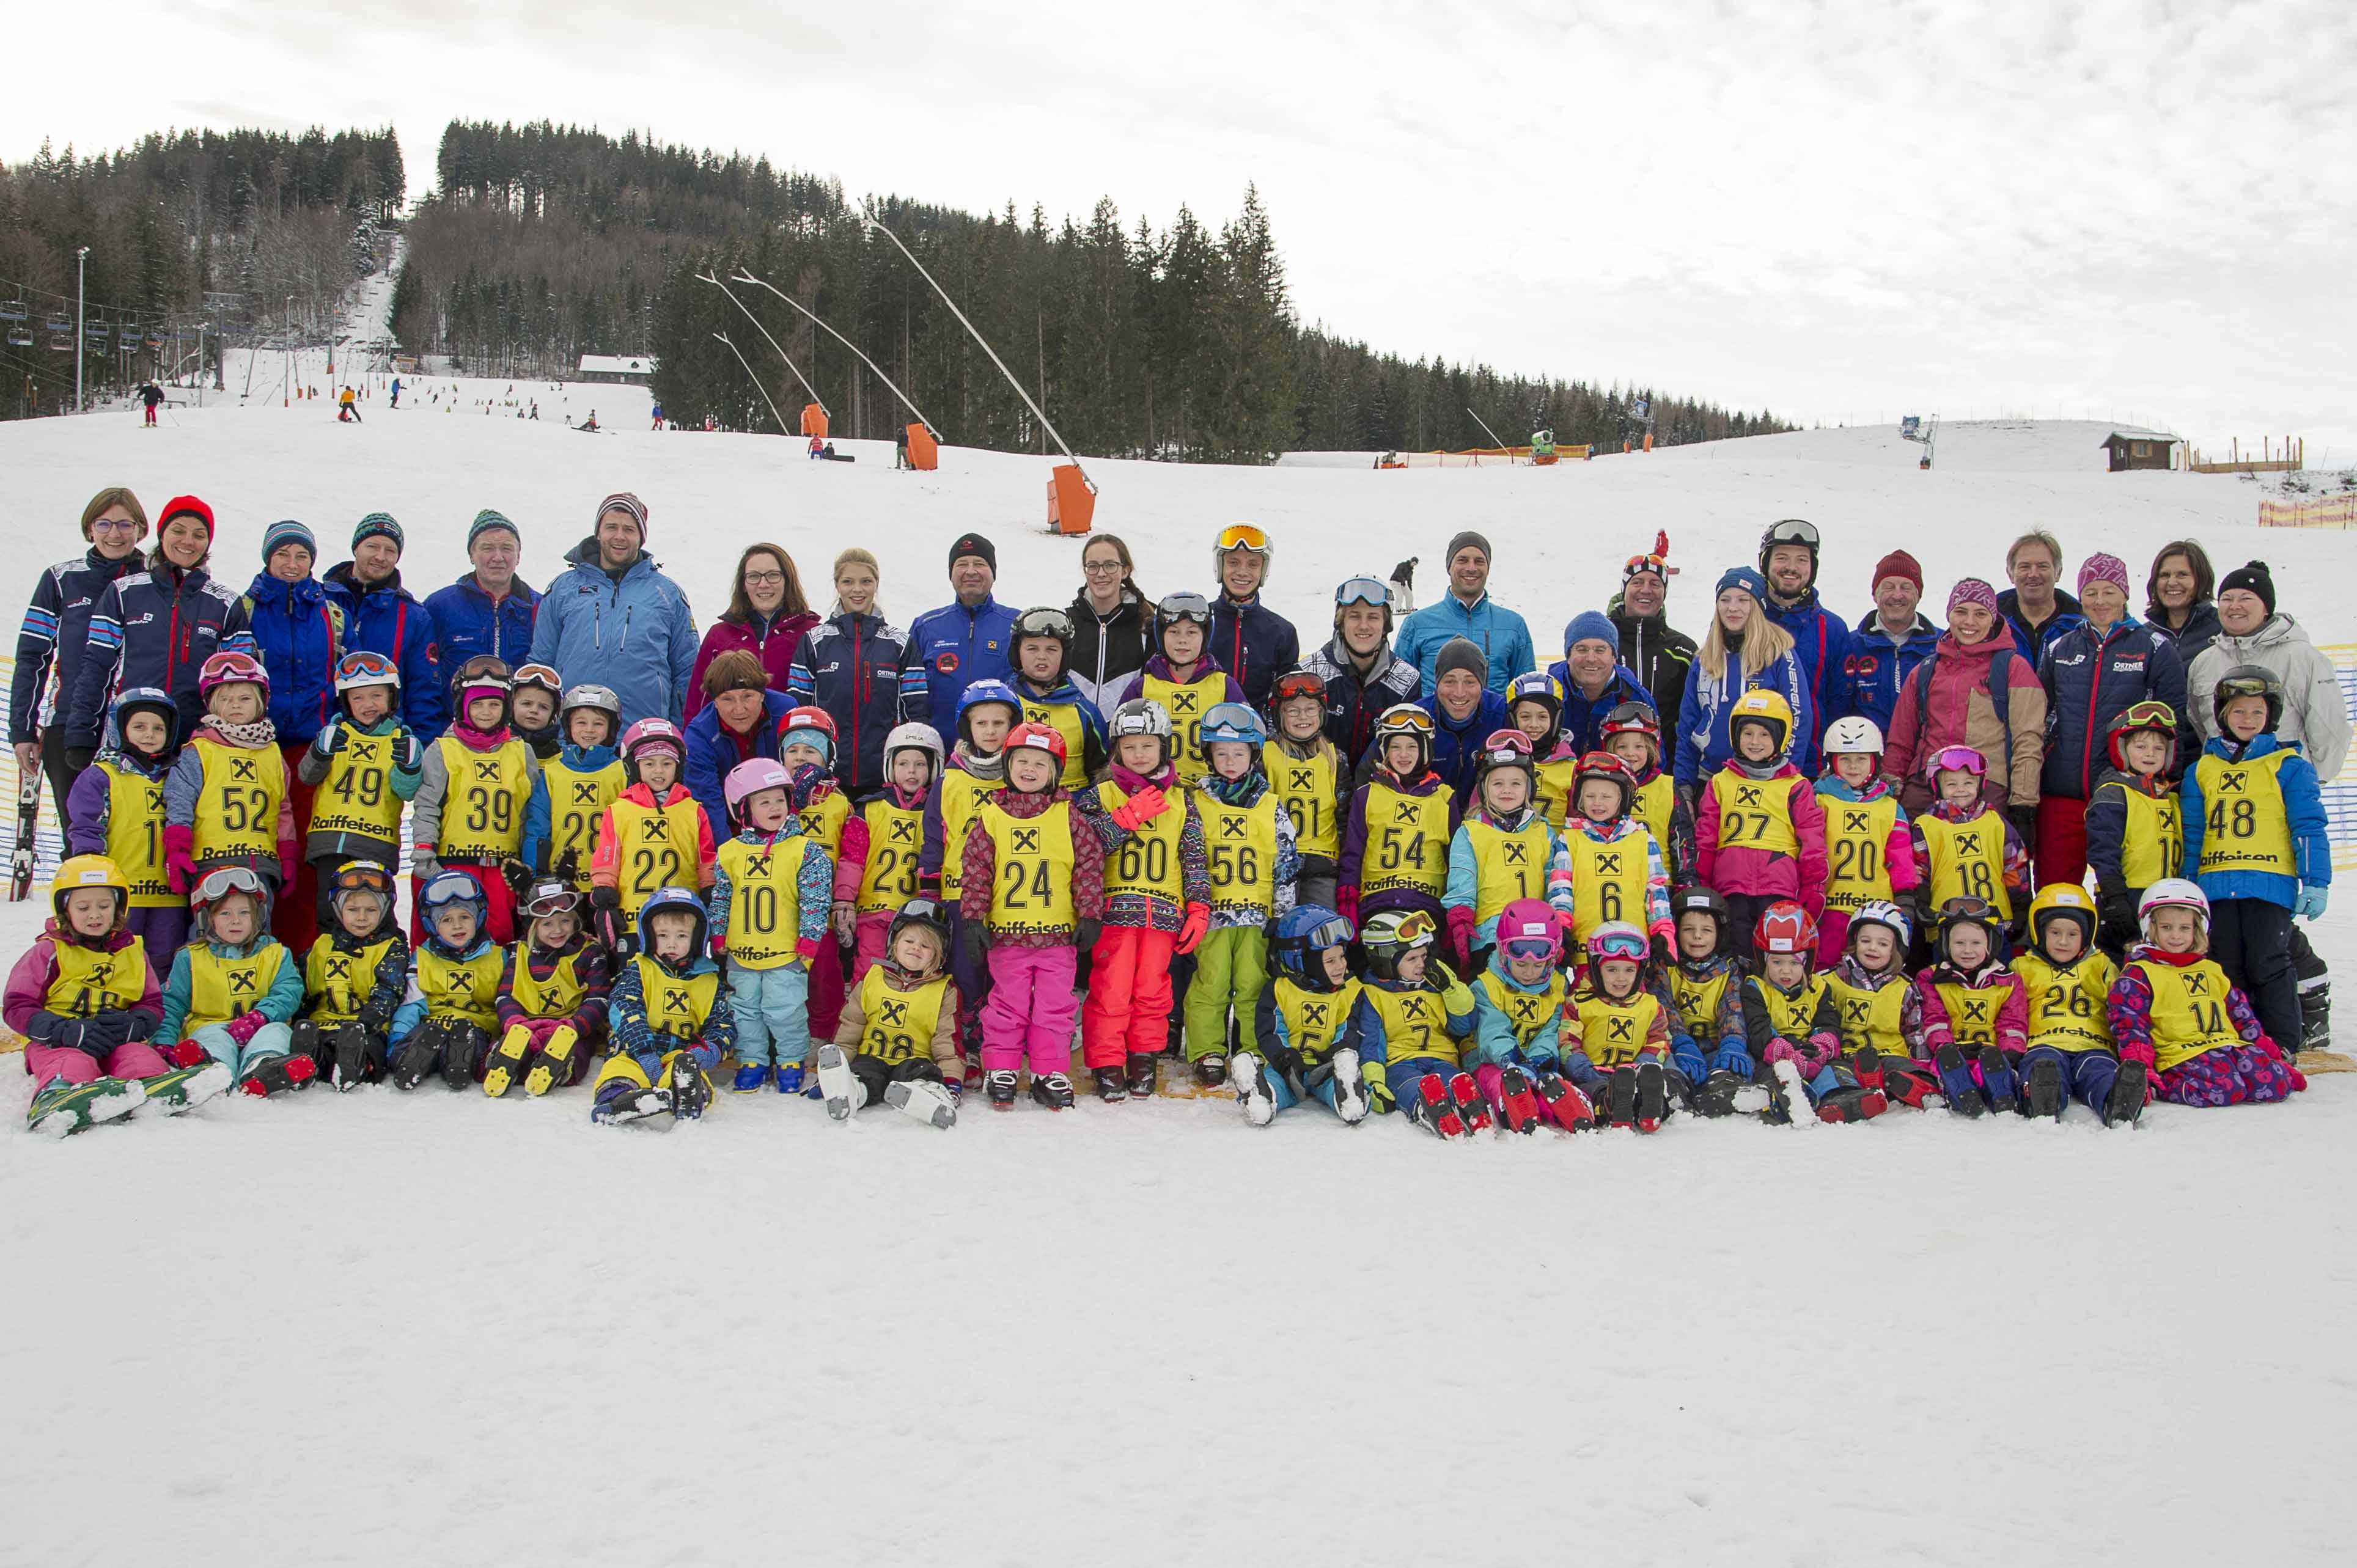 Kleines Schneeweihnachtswunder ermöglichte den Schi- und Snowboardkurs 2018